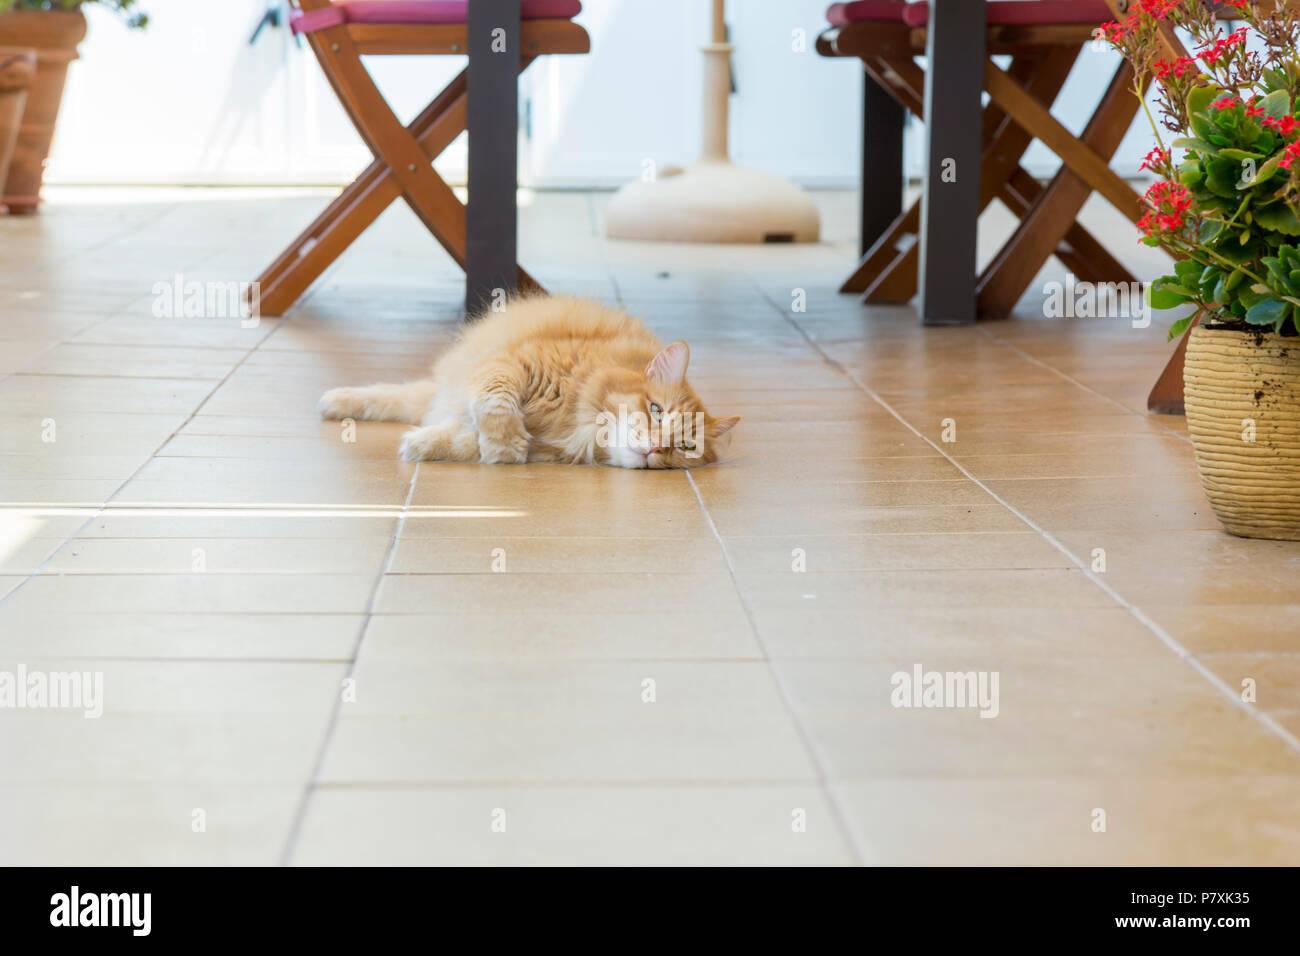 Gatto che sembra essere gettati in qualsiasi modo sul piano terrazzo, cercando il luogo più cool Immagini Stock